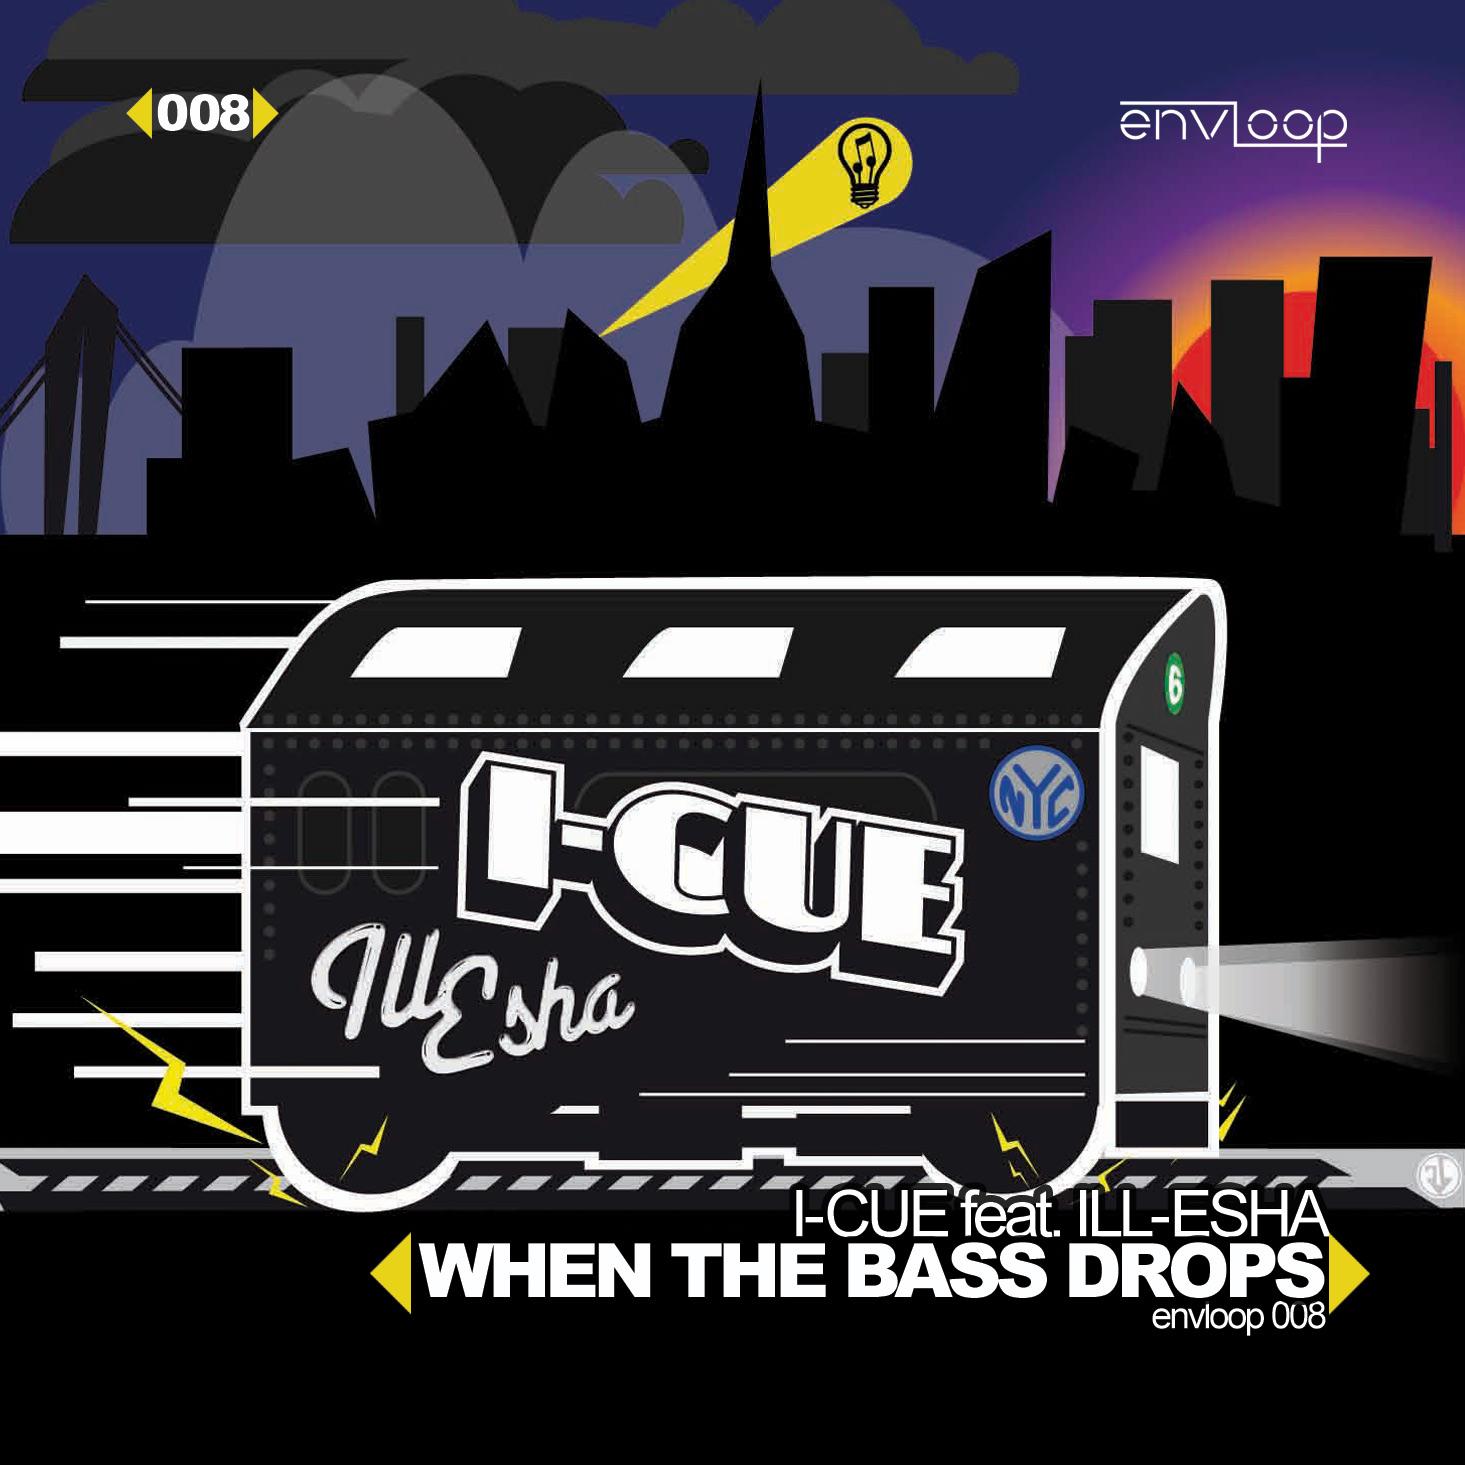 I-Cue feat. Ill-Esha - When The Bass Drops E.P.